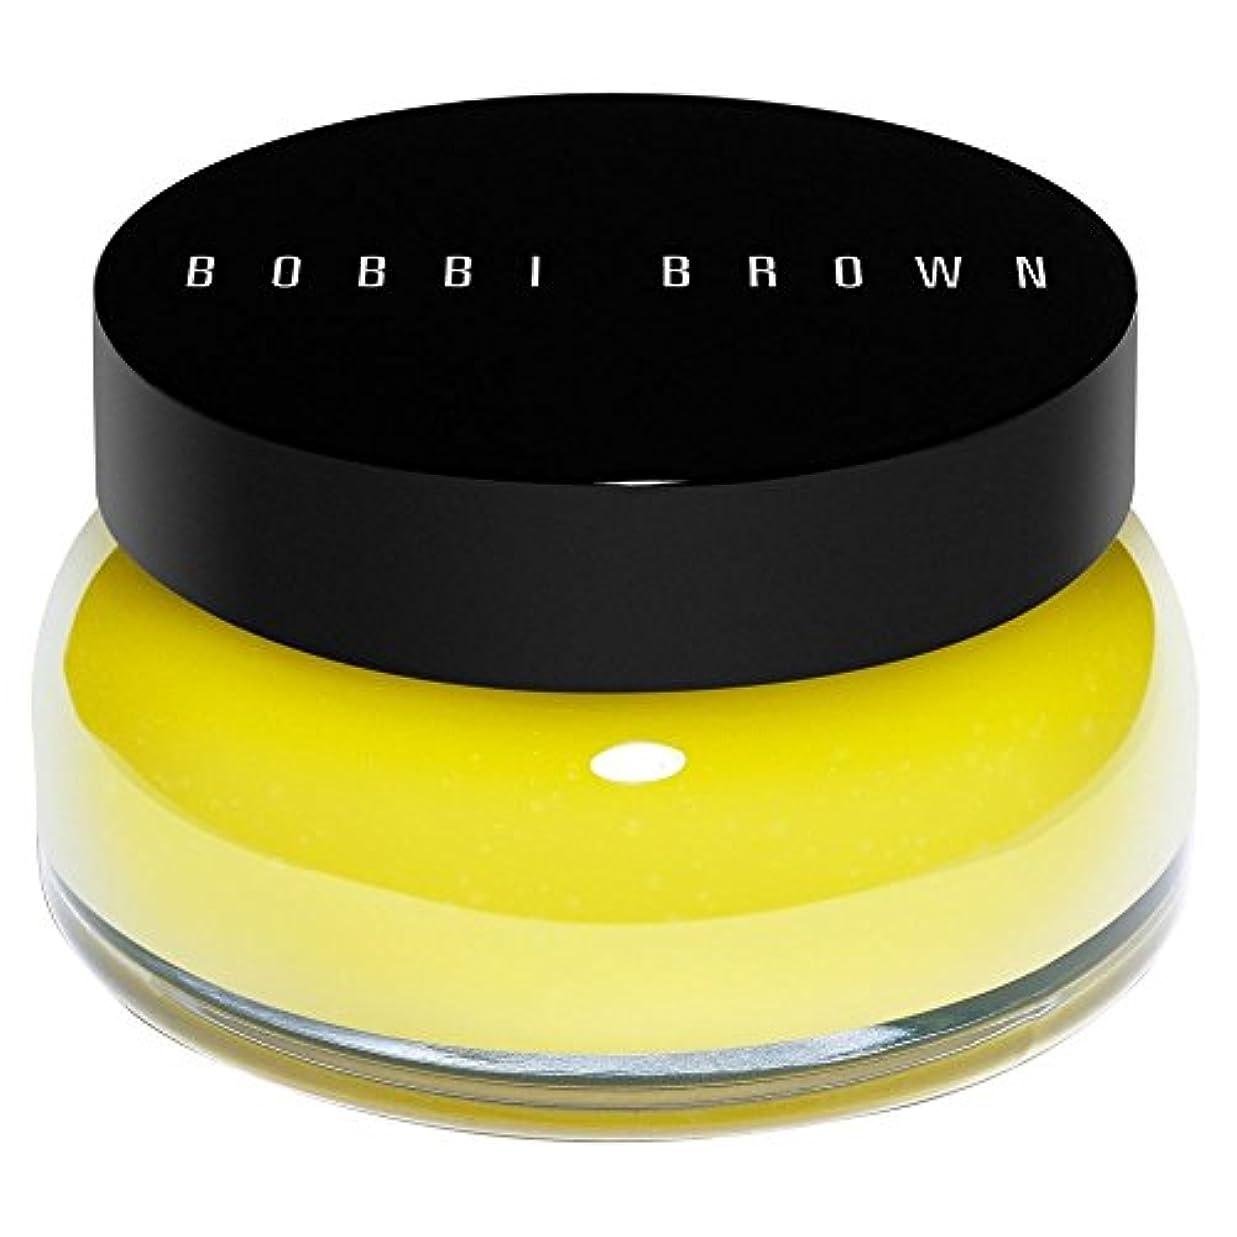 縁石ゆり洞察力[Bobbi Brown] ボビーブラウンエクストラバームリンス - Bobbi Brown Extra Balm Rinse [並行輸入品]